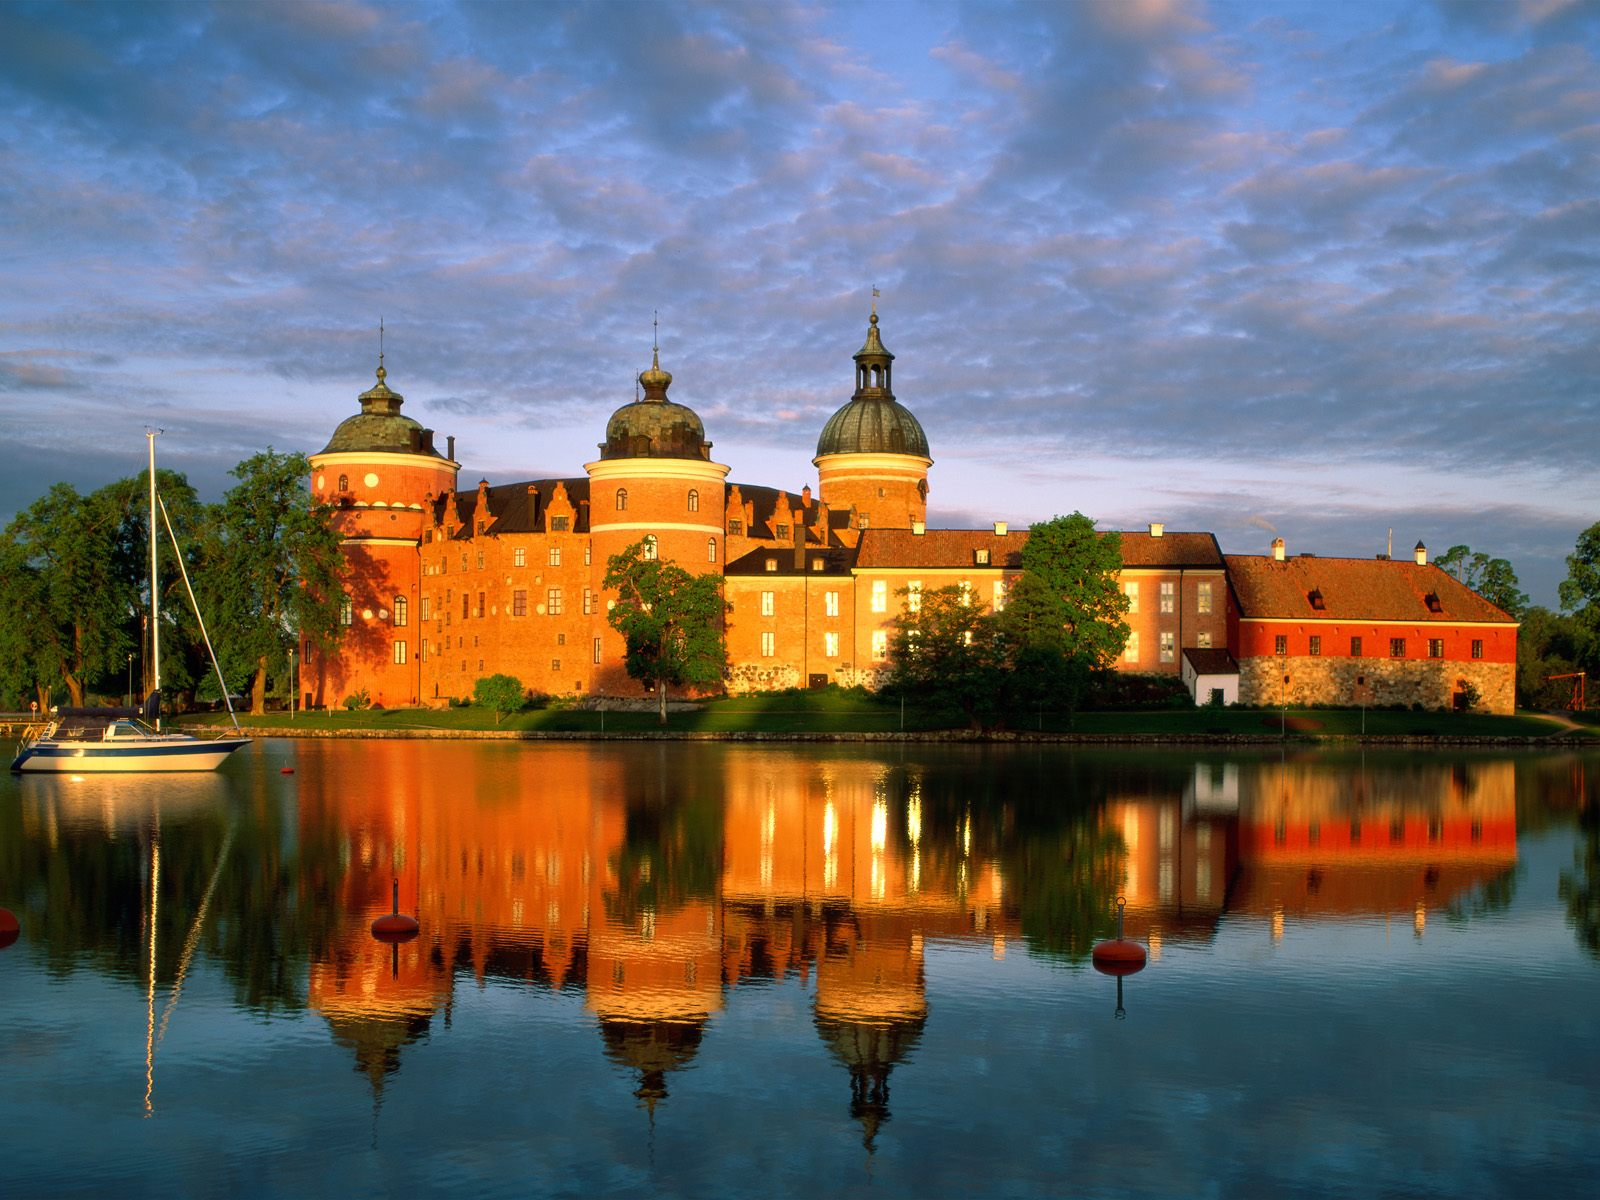 グリプスホルム城(スウェーデン) 壁紙 - Gripsholm Castle, Mariefred, Sweden WALLPAPER